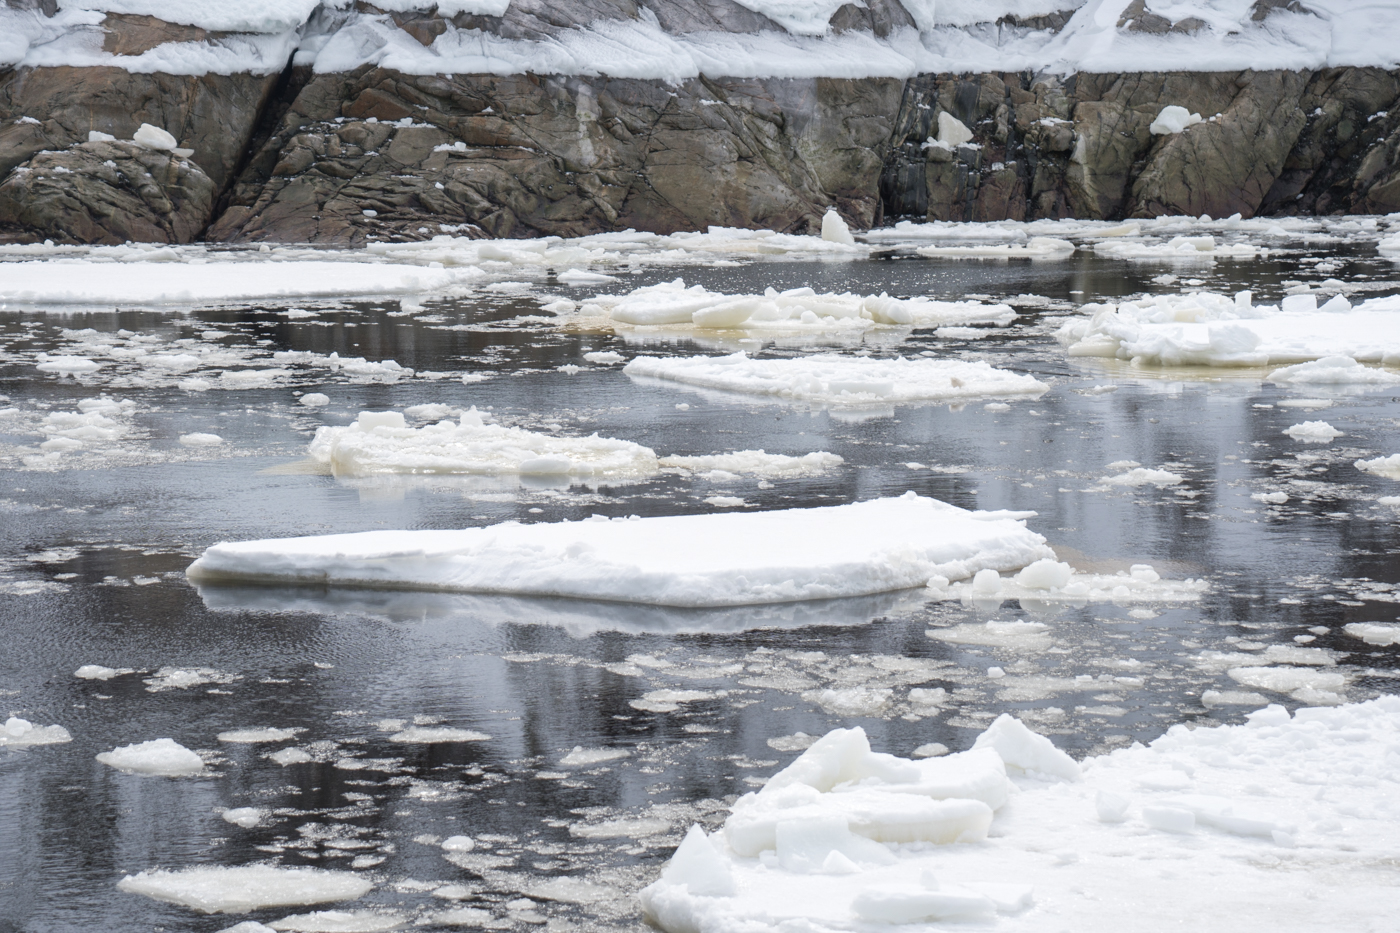 Morceaux de glace sur le fleuve